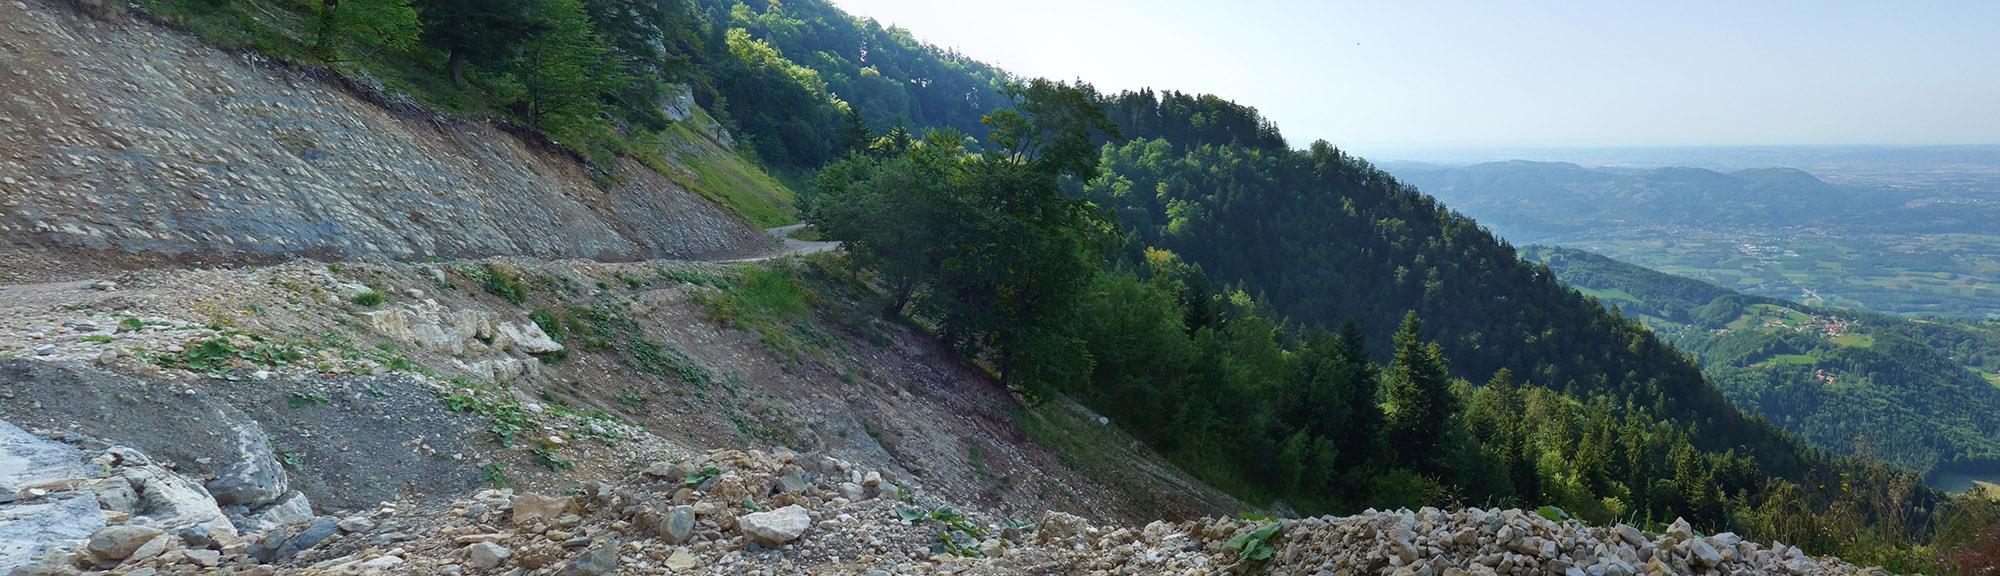 Landslide le Tunnel Mortier